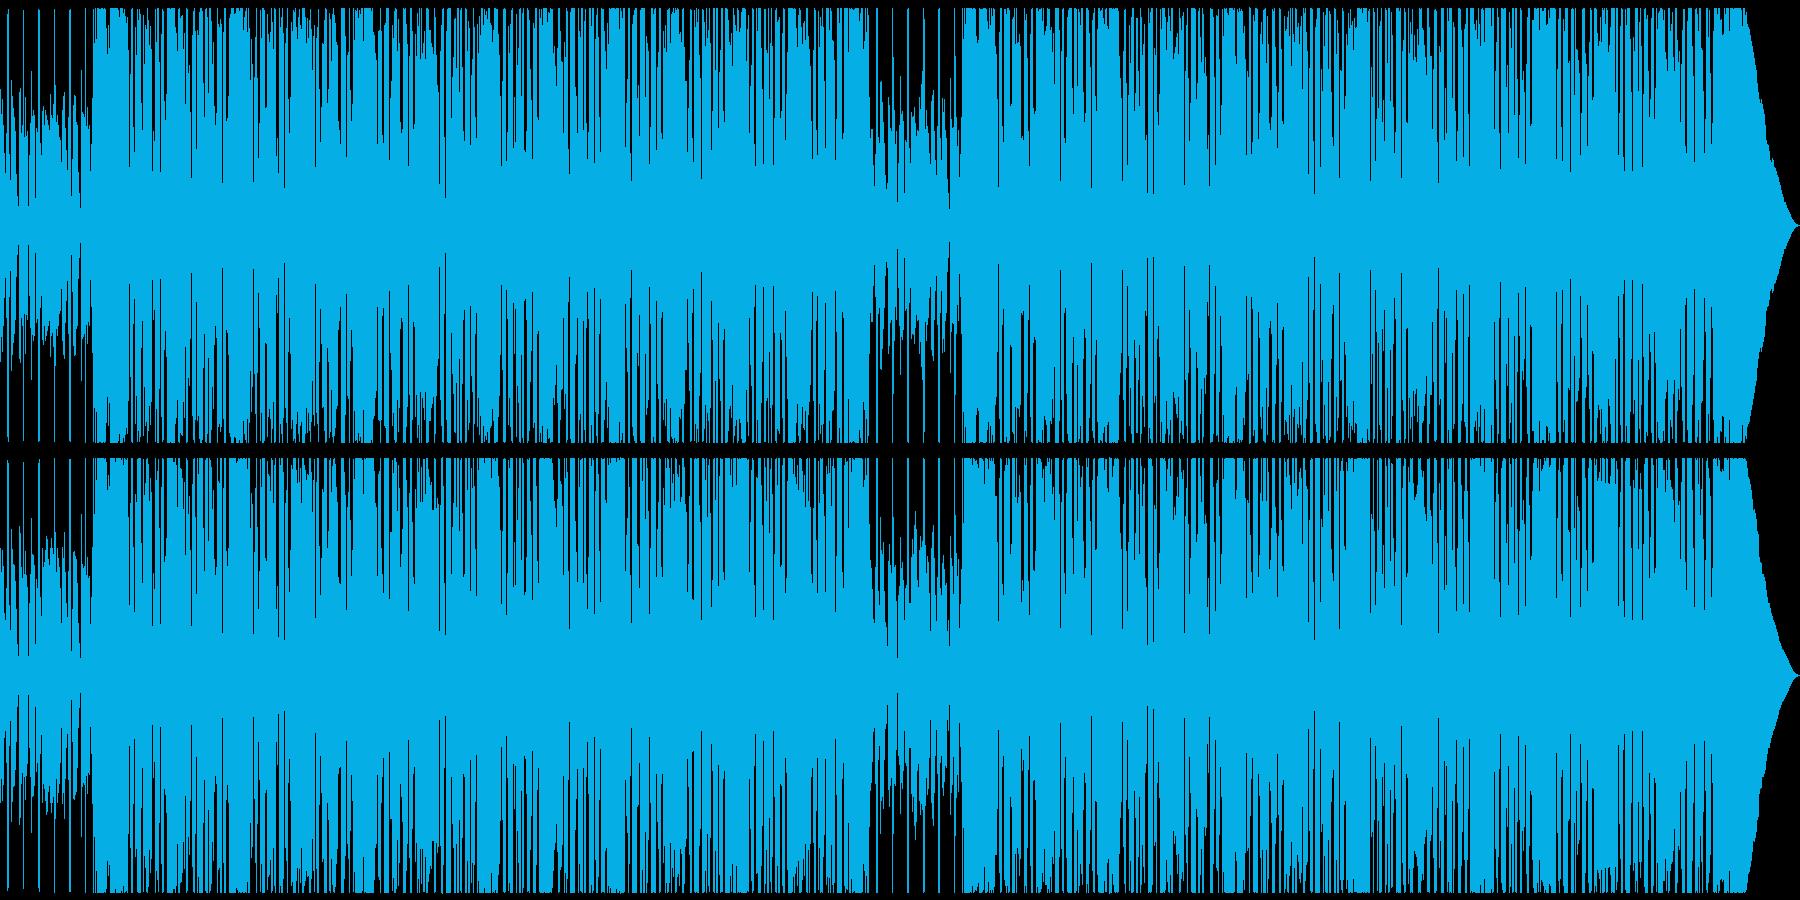 CMや劇伴シンプルでノリの良い洋楽ロックの再生済みの波形